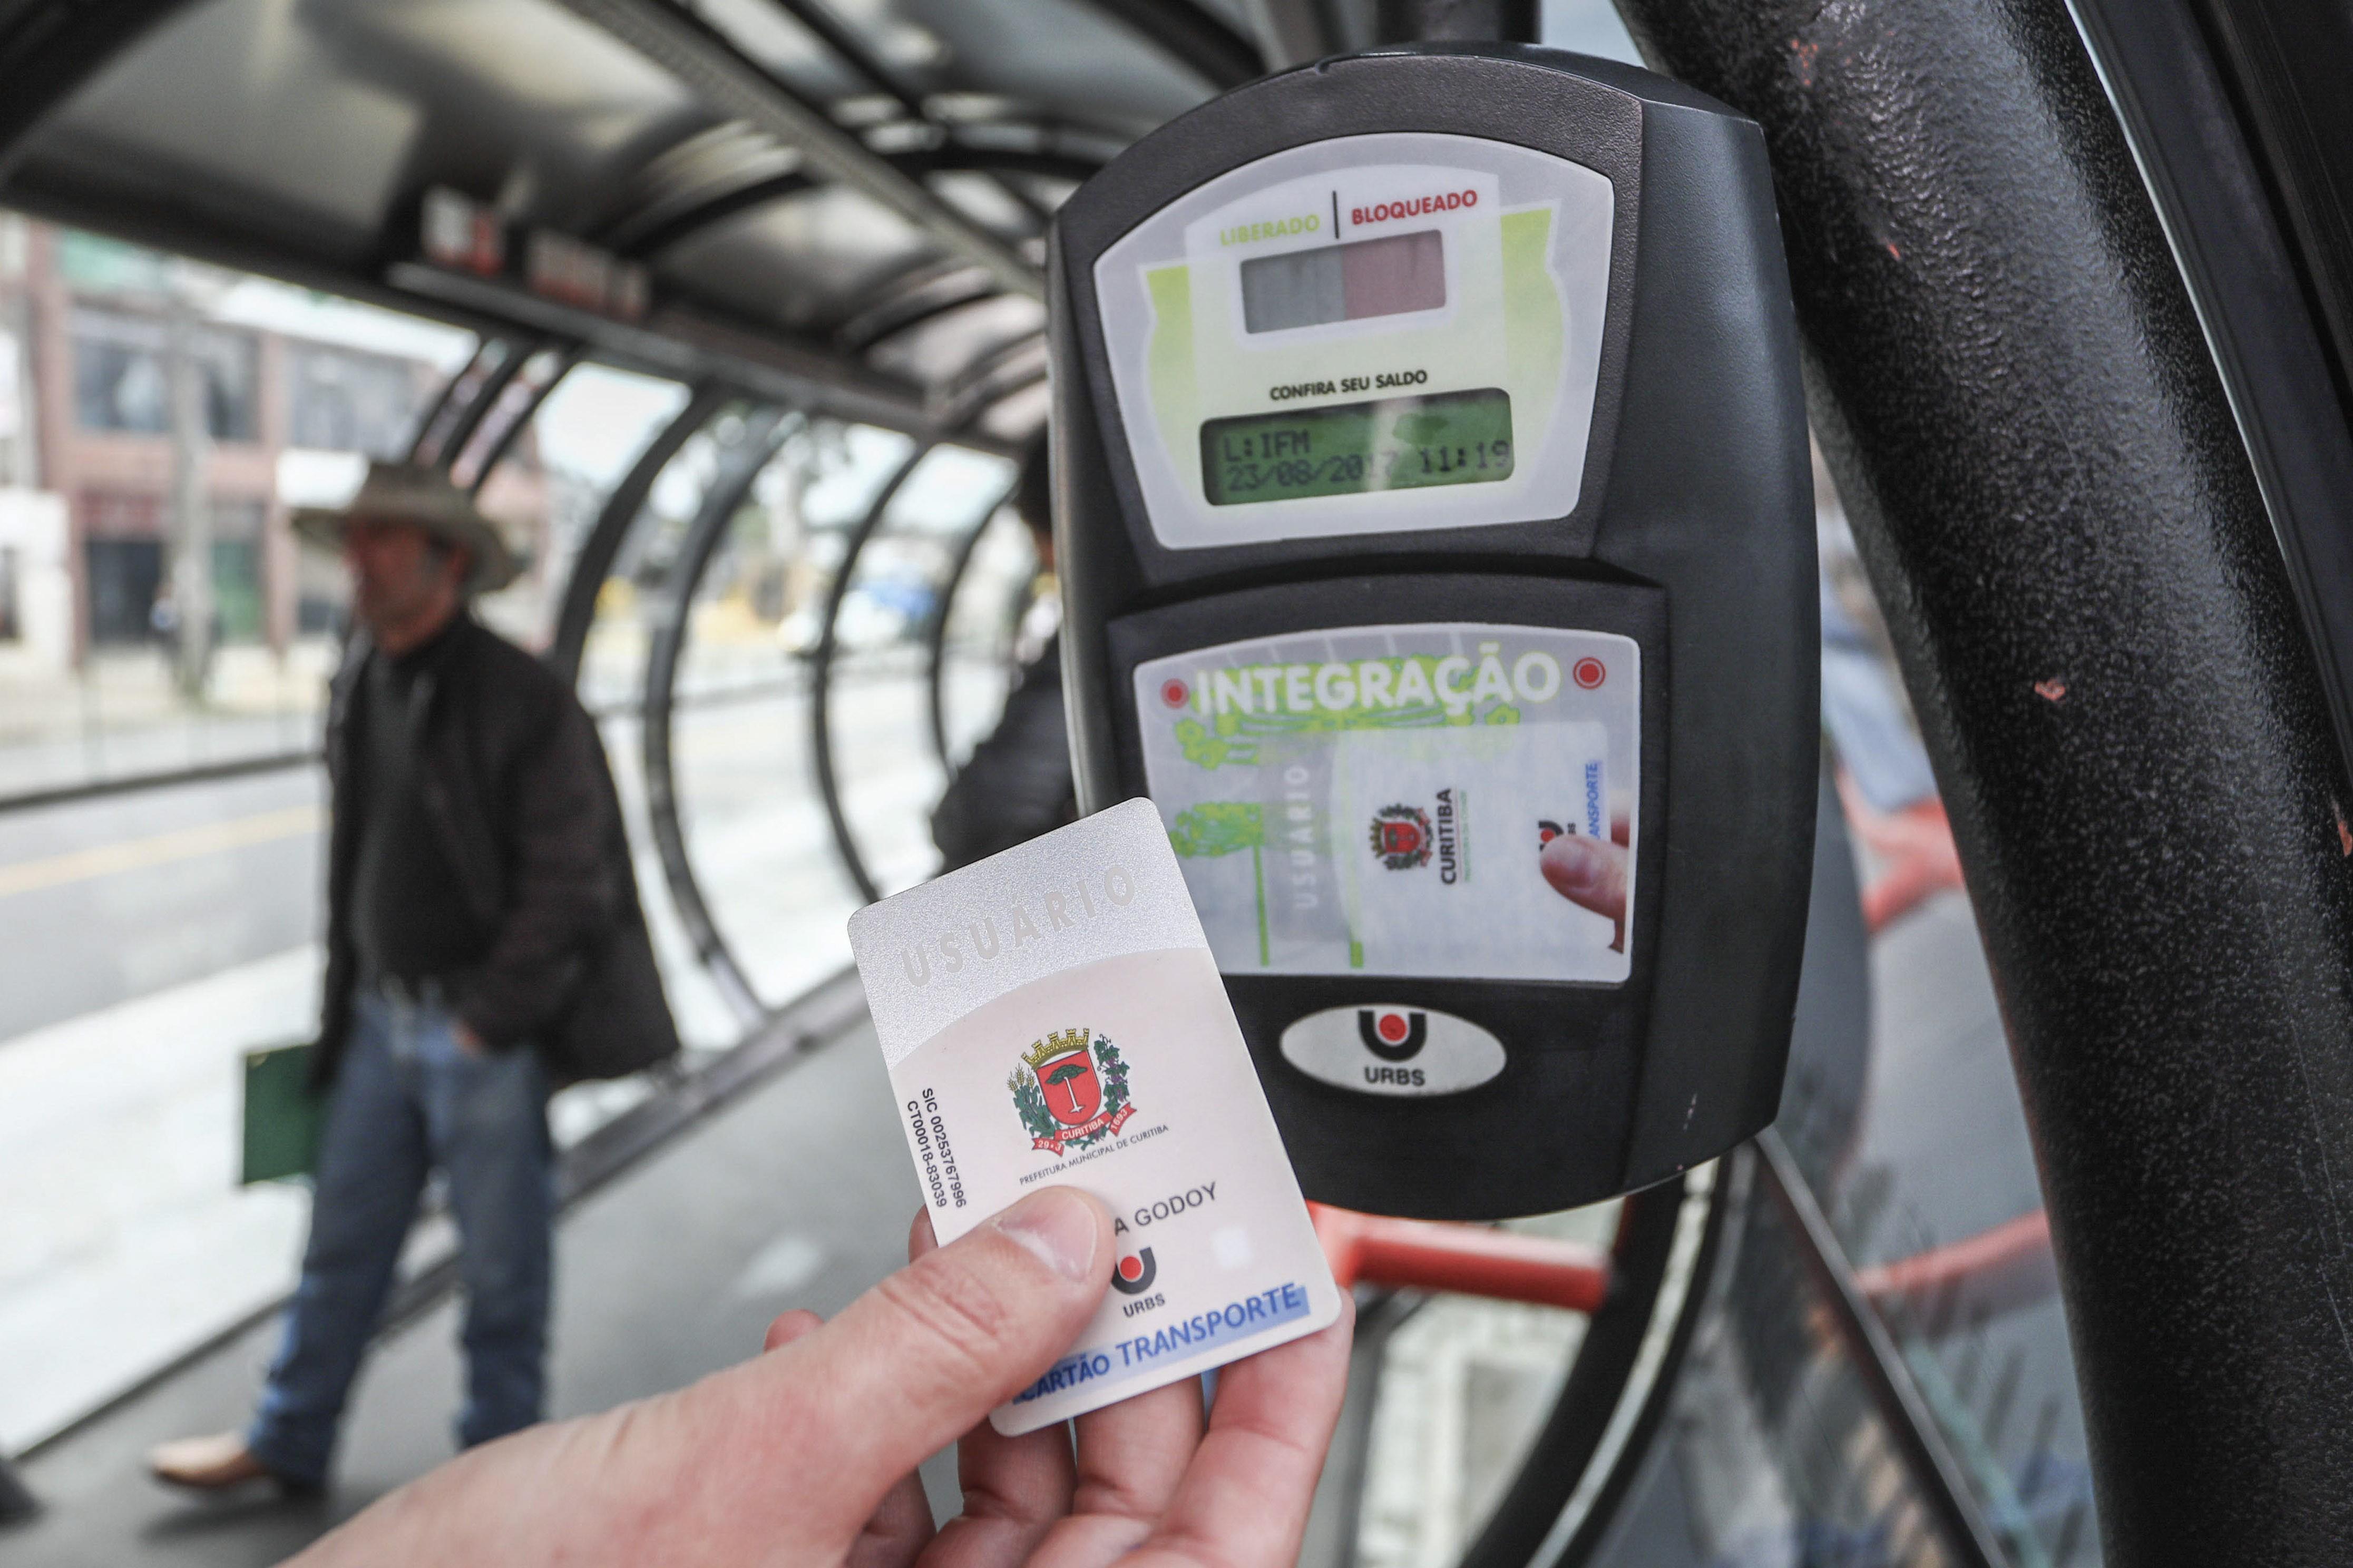 Cartão-transporte da Urbs deixa de valer em linhas de Araucária; passageiros terão que fazer outro cartão